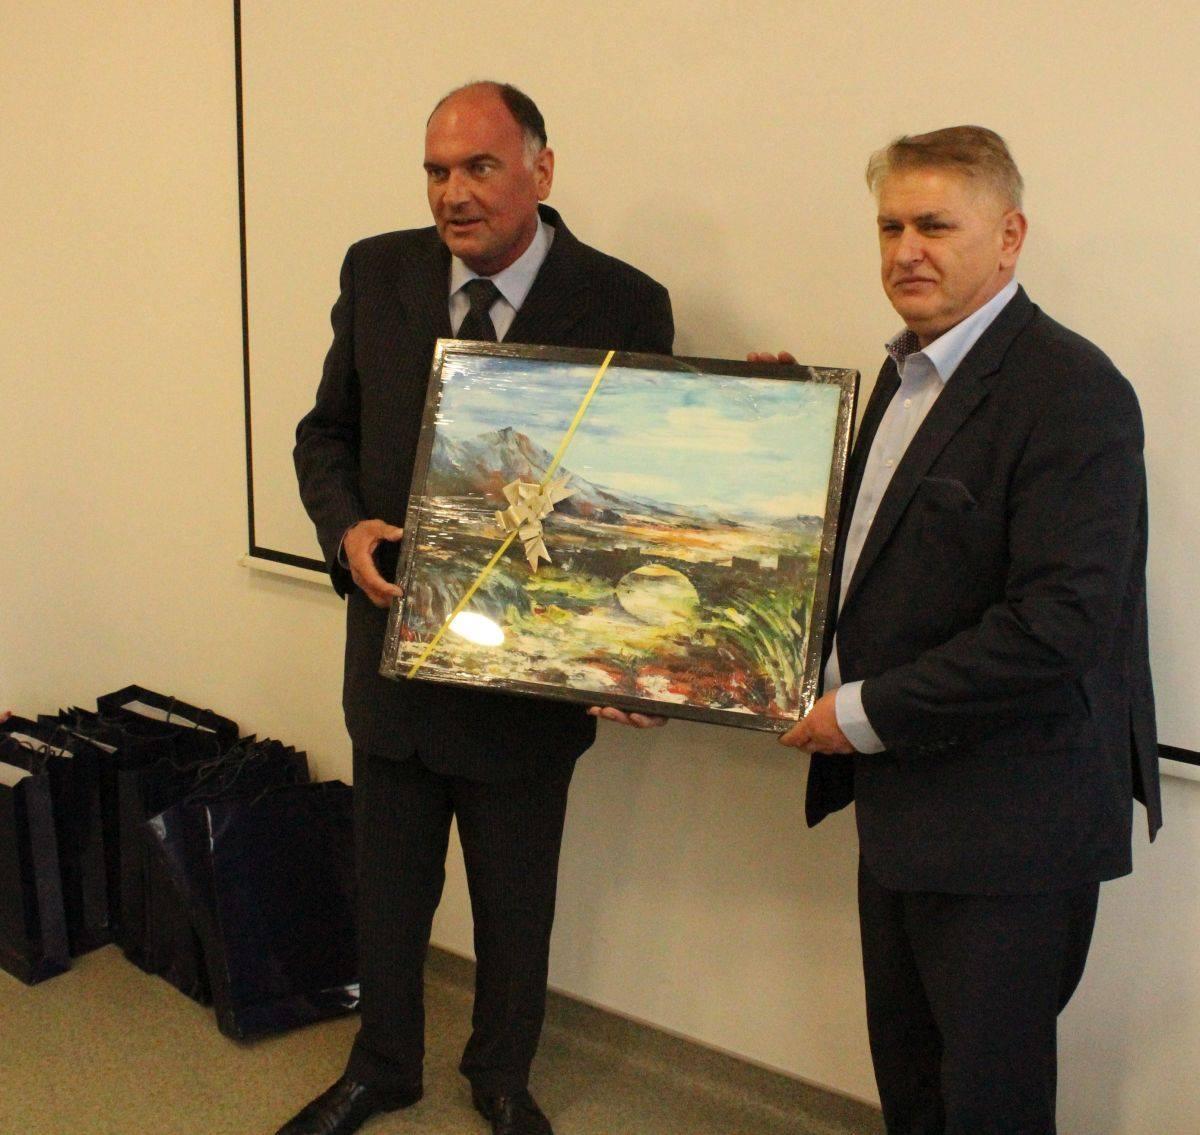 Načelnik Samir Kamenjaković i Haris Halilovic